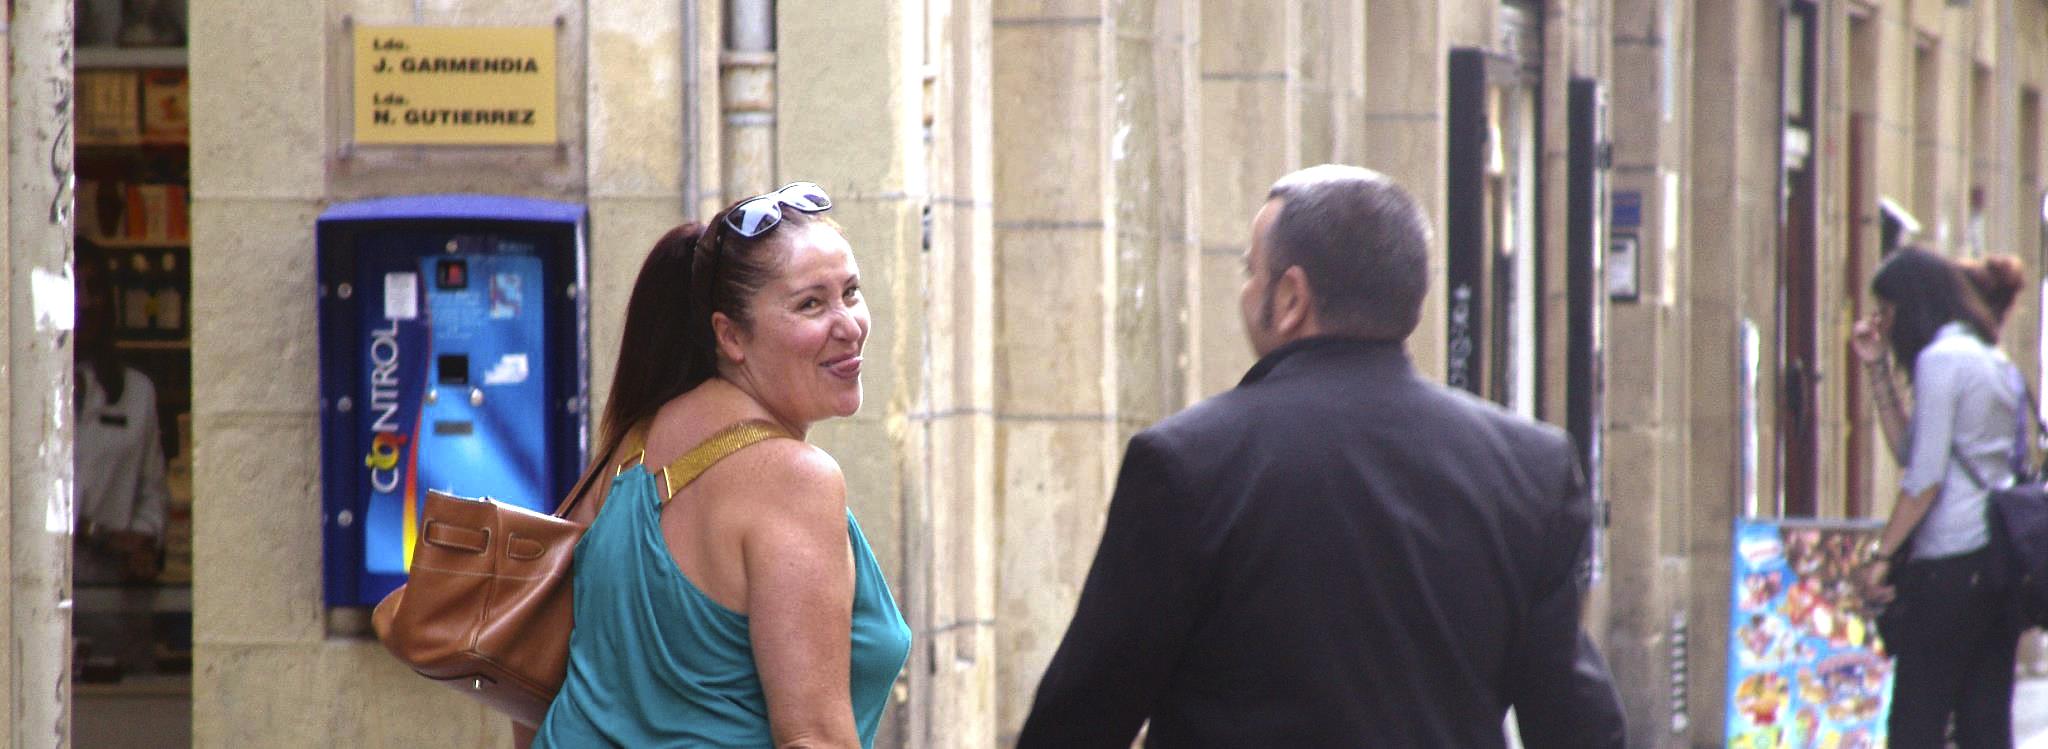 En 2011, con Félix Sabroso, paseando por el Casco Viejo de San Sebastián. FOTO: LUIS ROCA ARENCIBIA